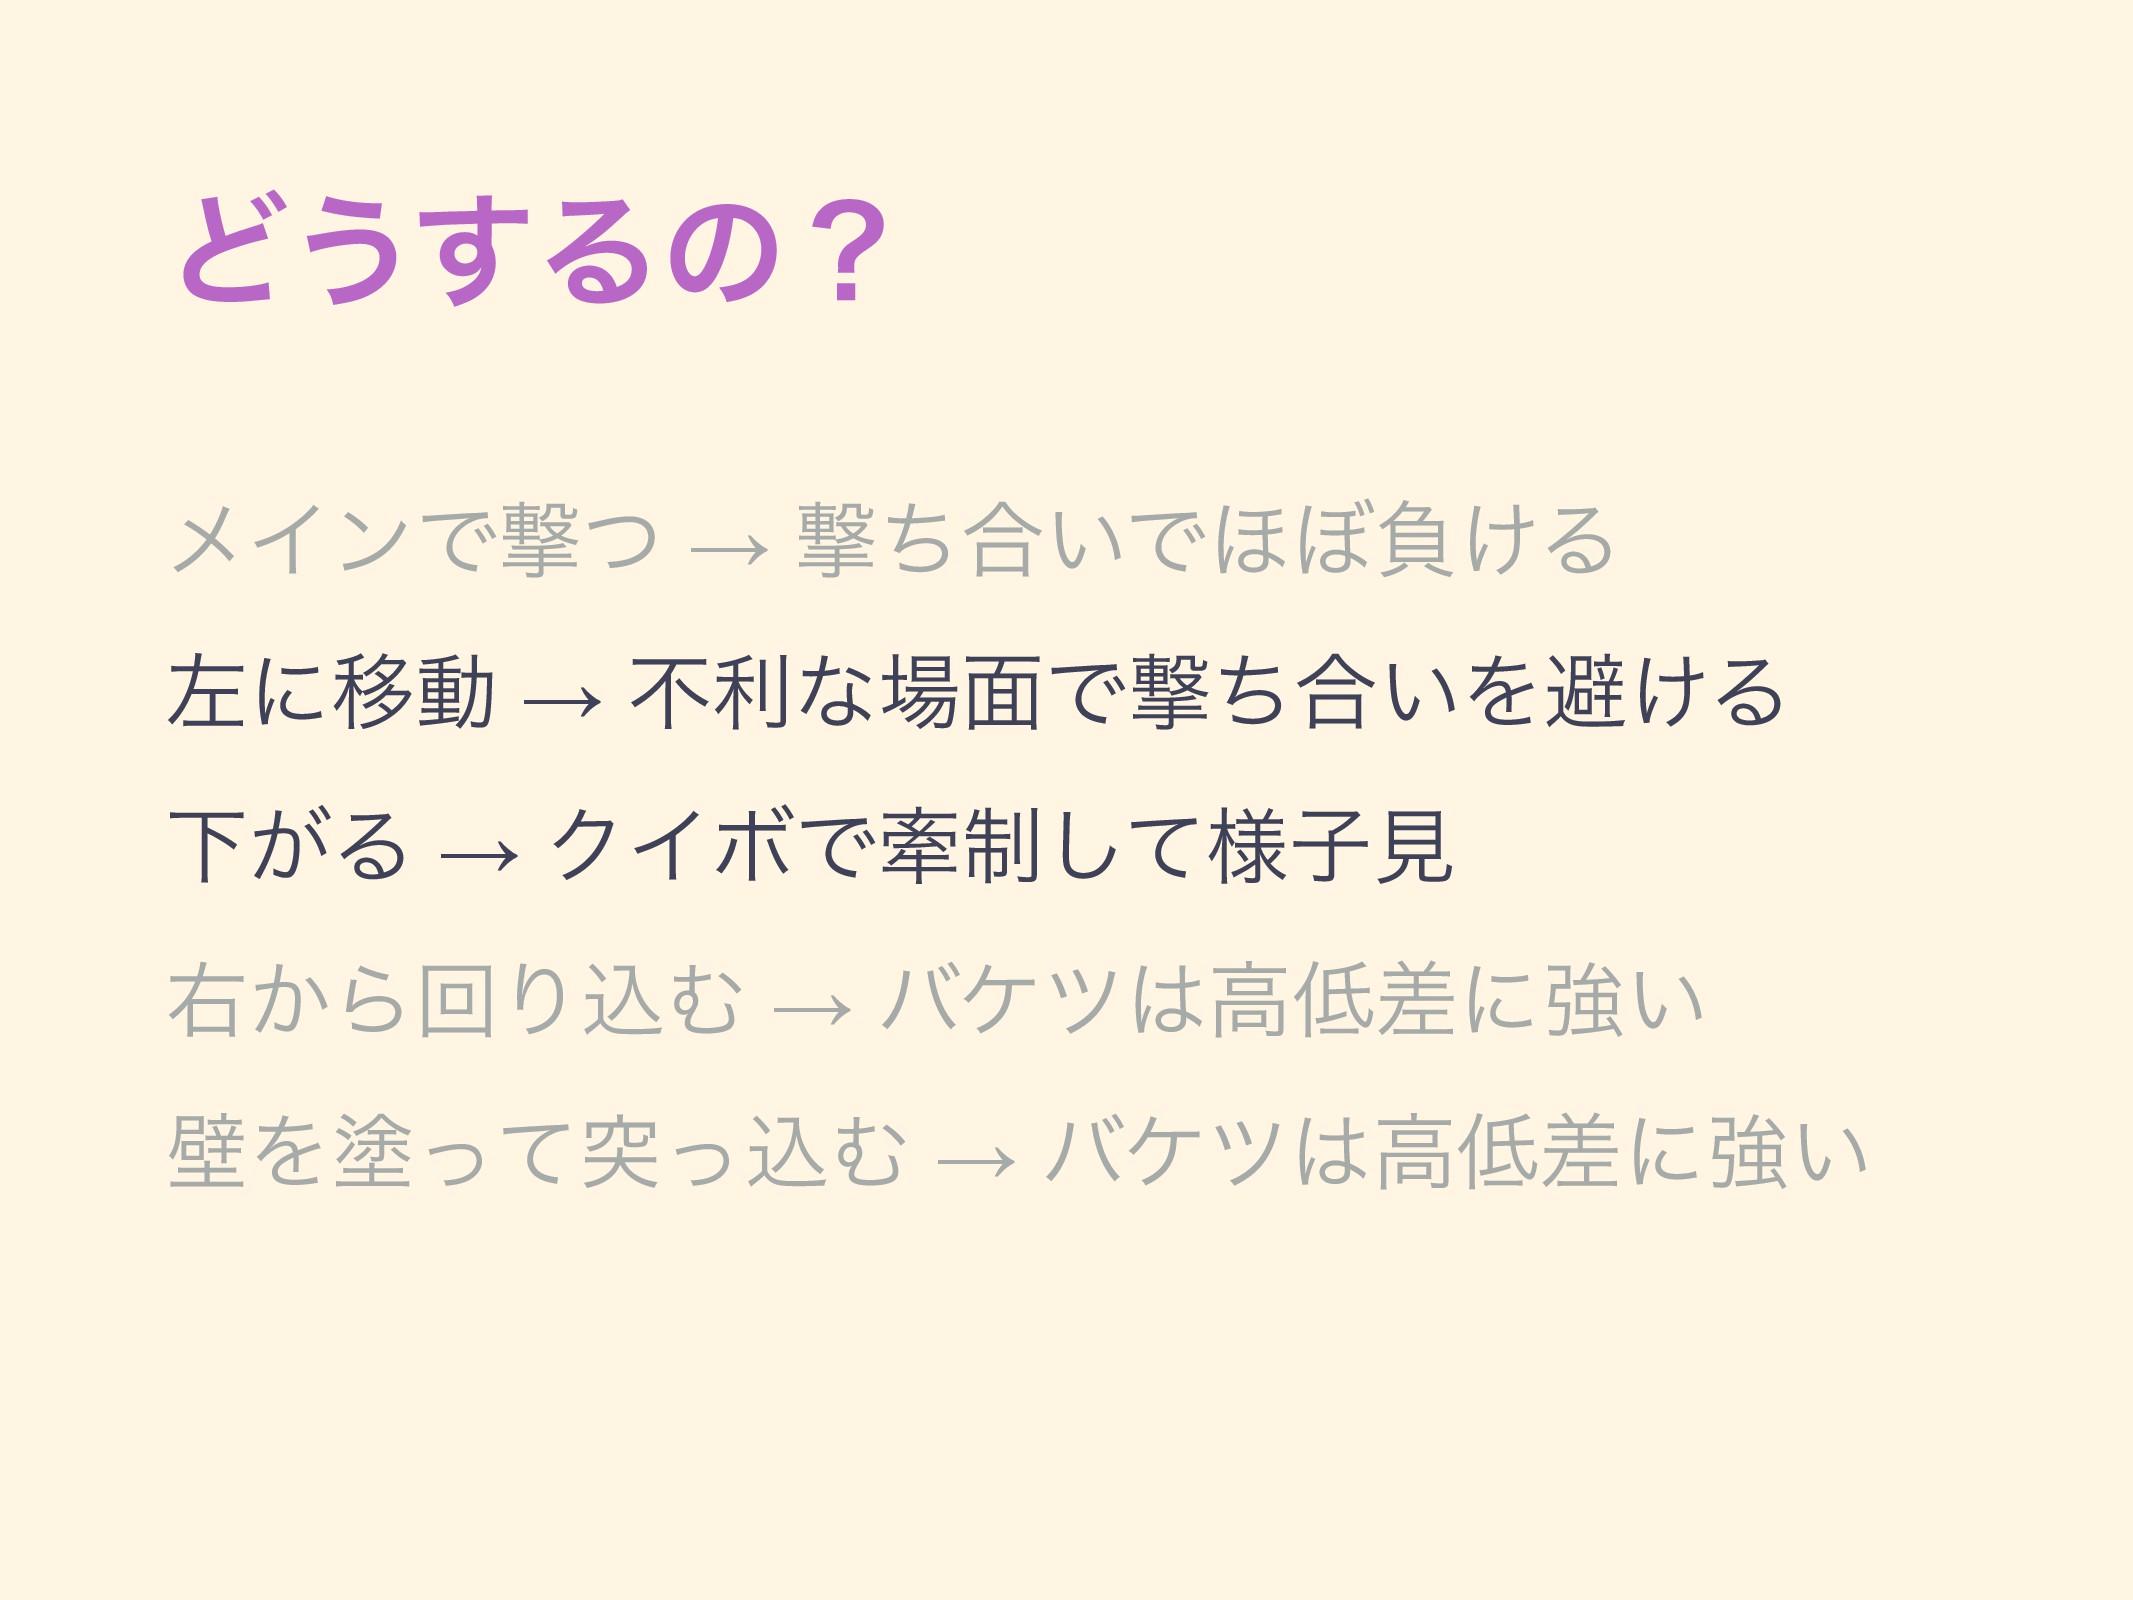 Ͳ͏͢Δͷʁ ϝΠϯͰܸͭ → ܸͪ߹͍Ͱ΄΅ෛ͚Δ ࠨʹҠಈ → ෆརͳ໘Ͱܸͪ߹͍Λආ͚...